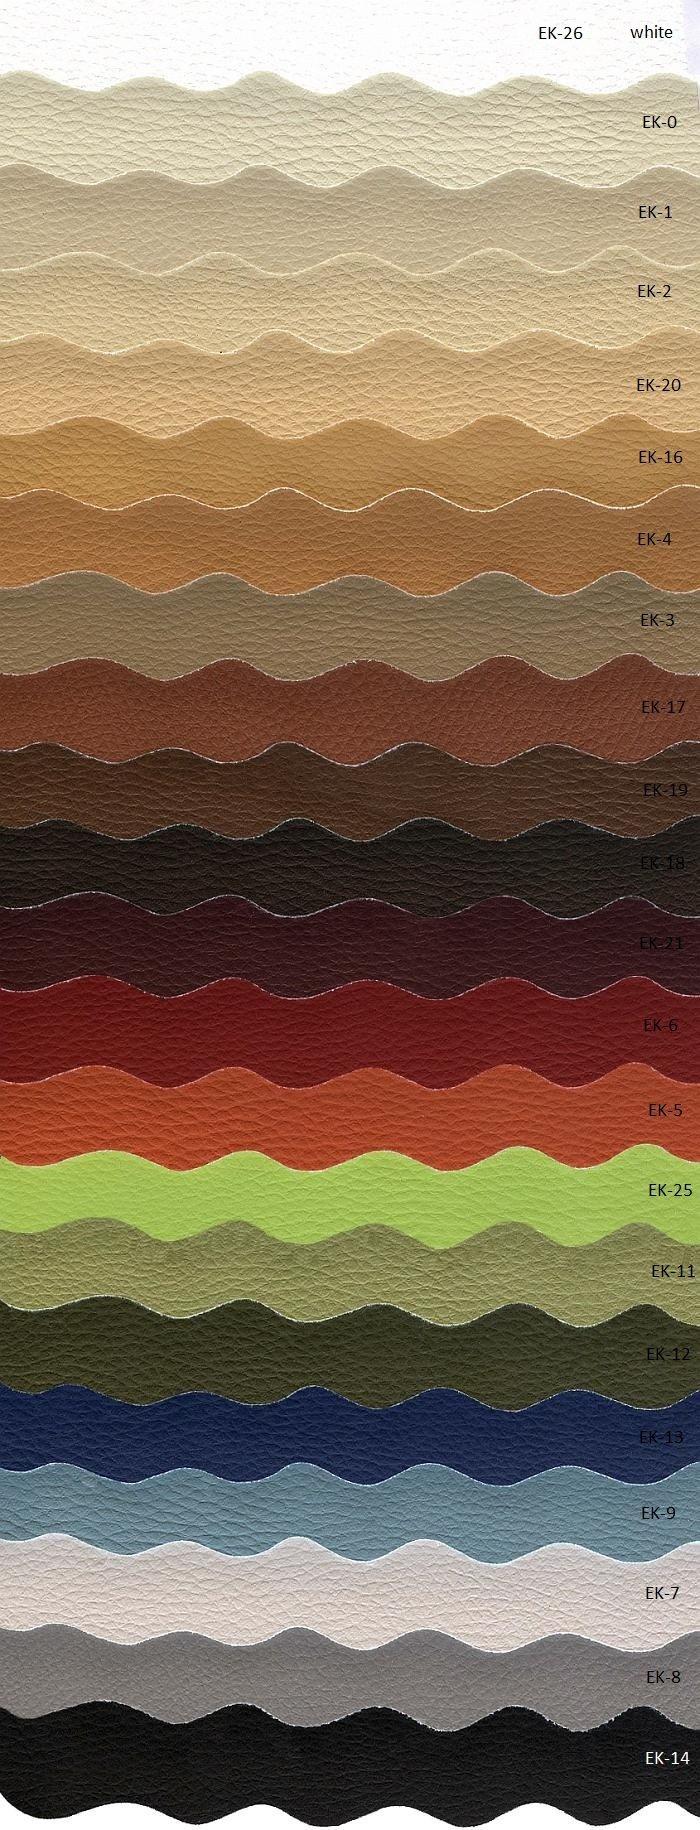 Tkanina tapicerska meblowa obiciowa ekoskóra z kolekcji Meble Radomsko - wytrzymałość 100 000 cykli Martindale